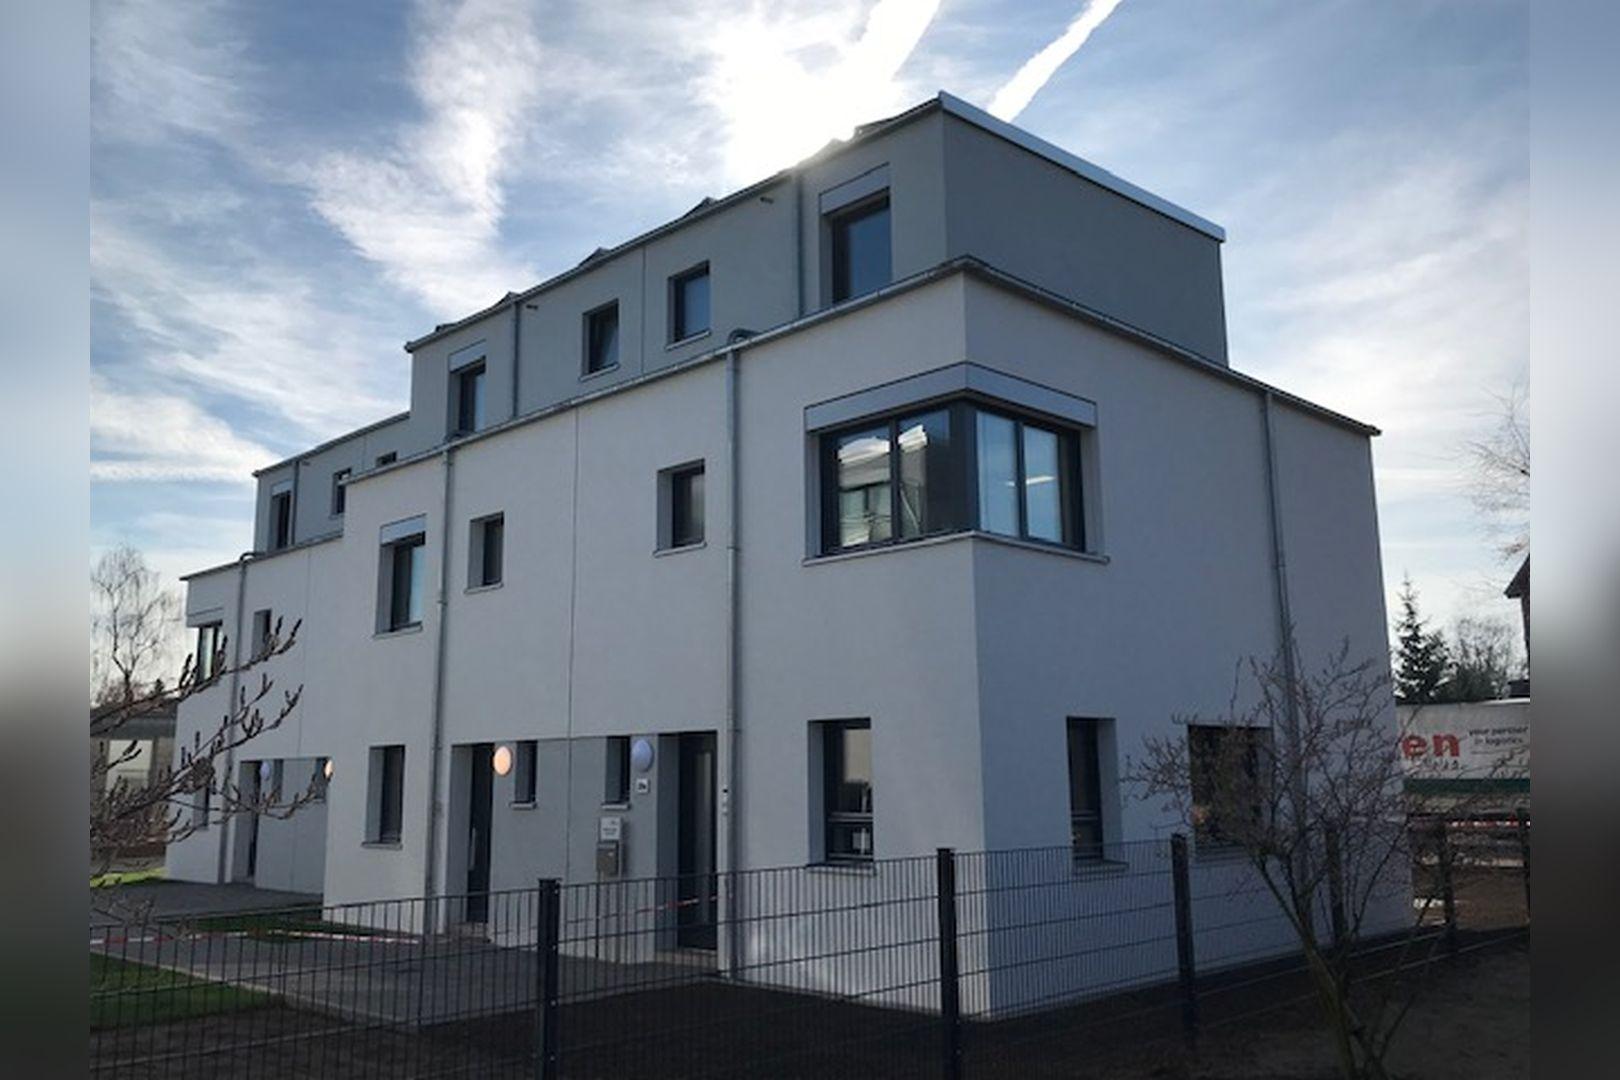 Immobilie Nr.BÖ-000 - Energieeffizientes Neubauquartier mit 20 Wohneinheiten und TG - Bild 10.jpg